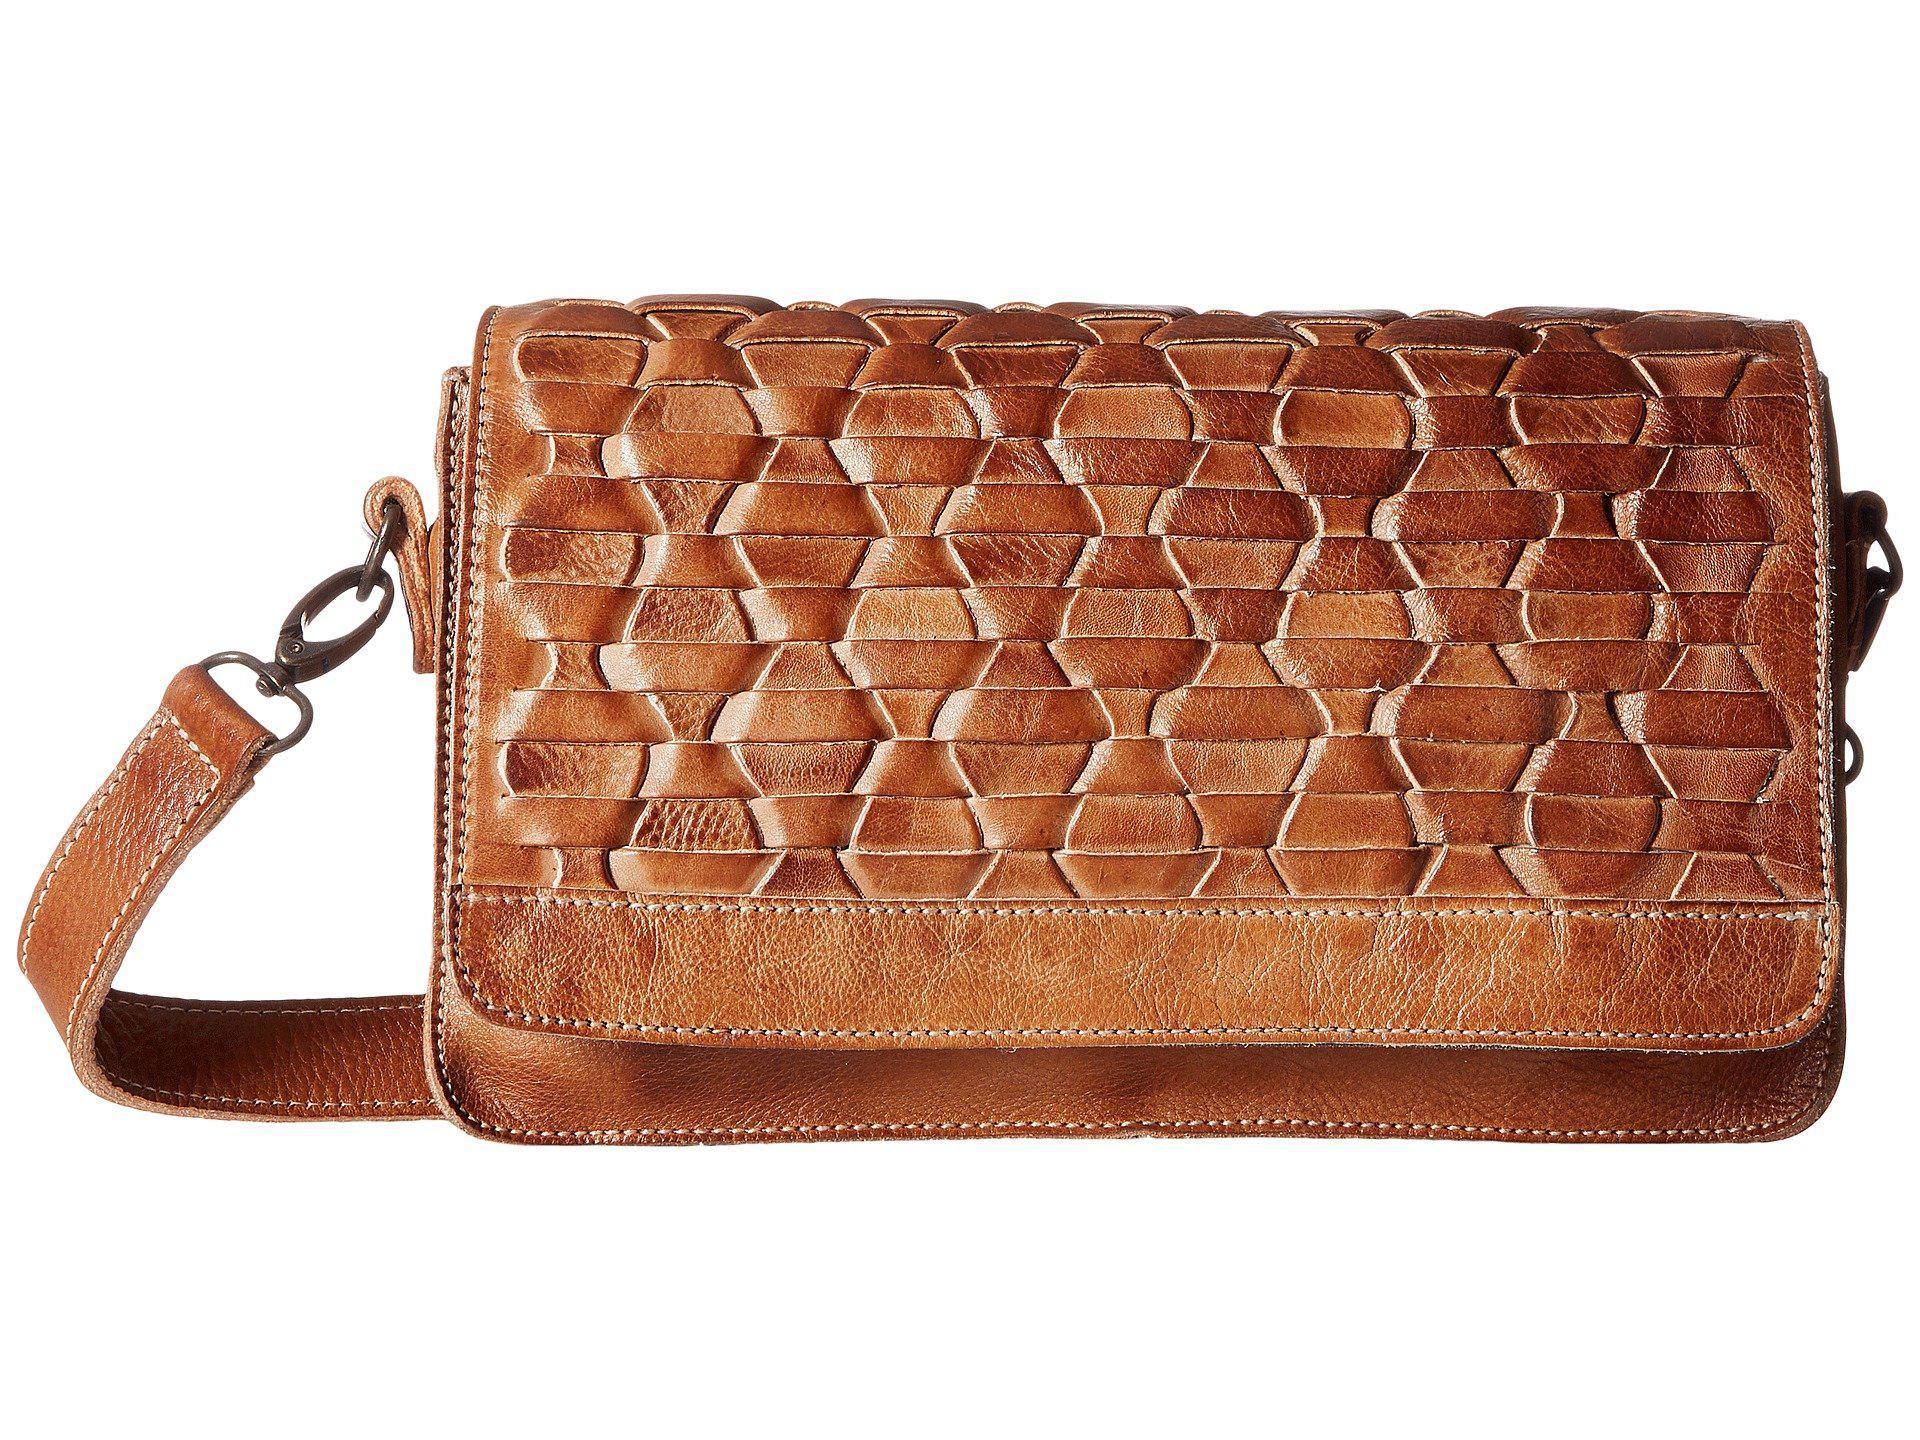 a71cc400c4d4 Lyst - Bed Stu Aruba (tan Rustic) Bags in Brown